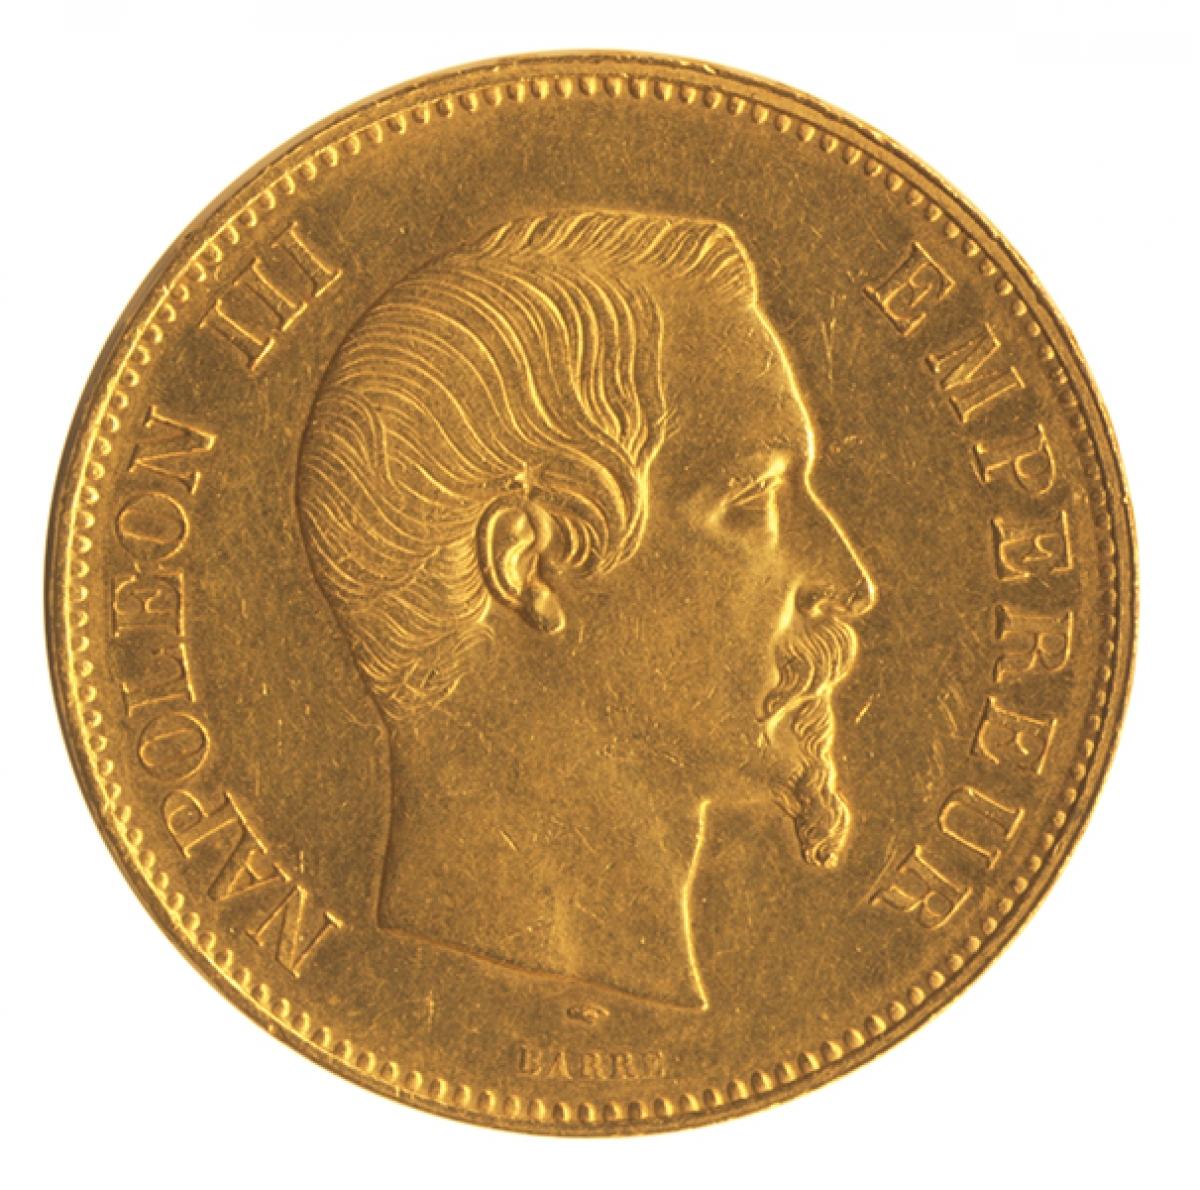 フランス 100フラン金貨 ナポレオン3世(無冠) 1857年A